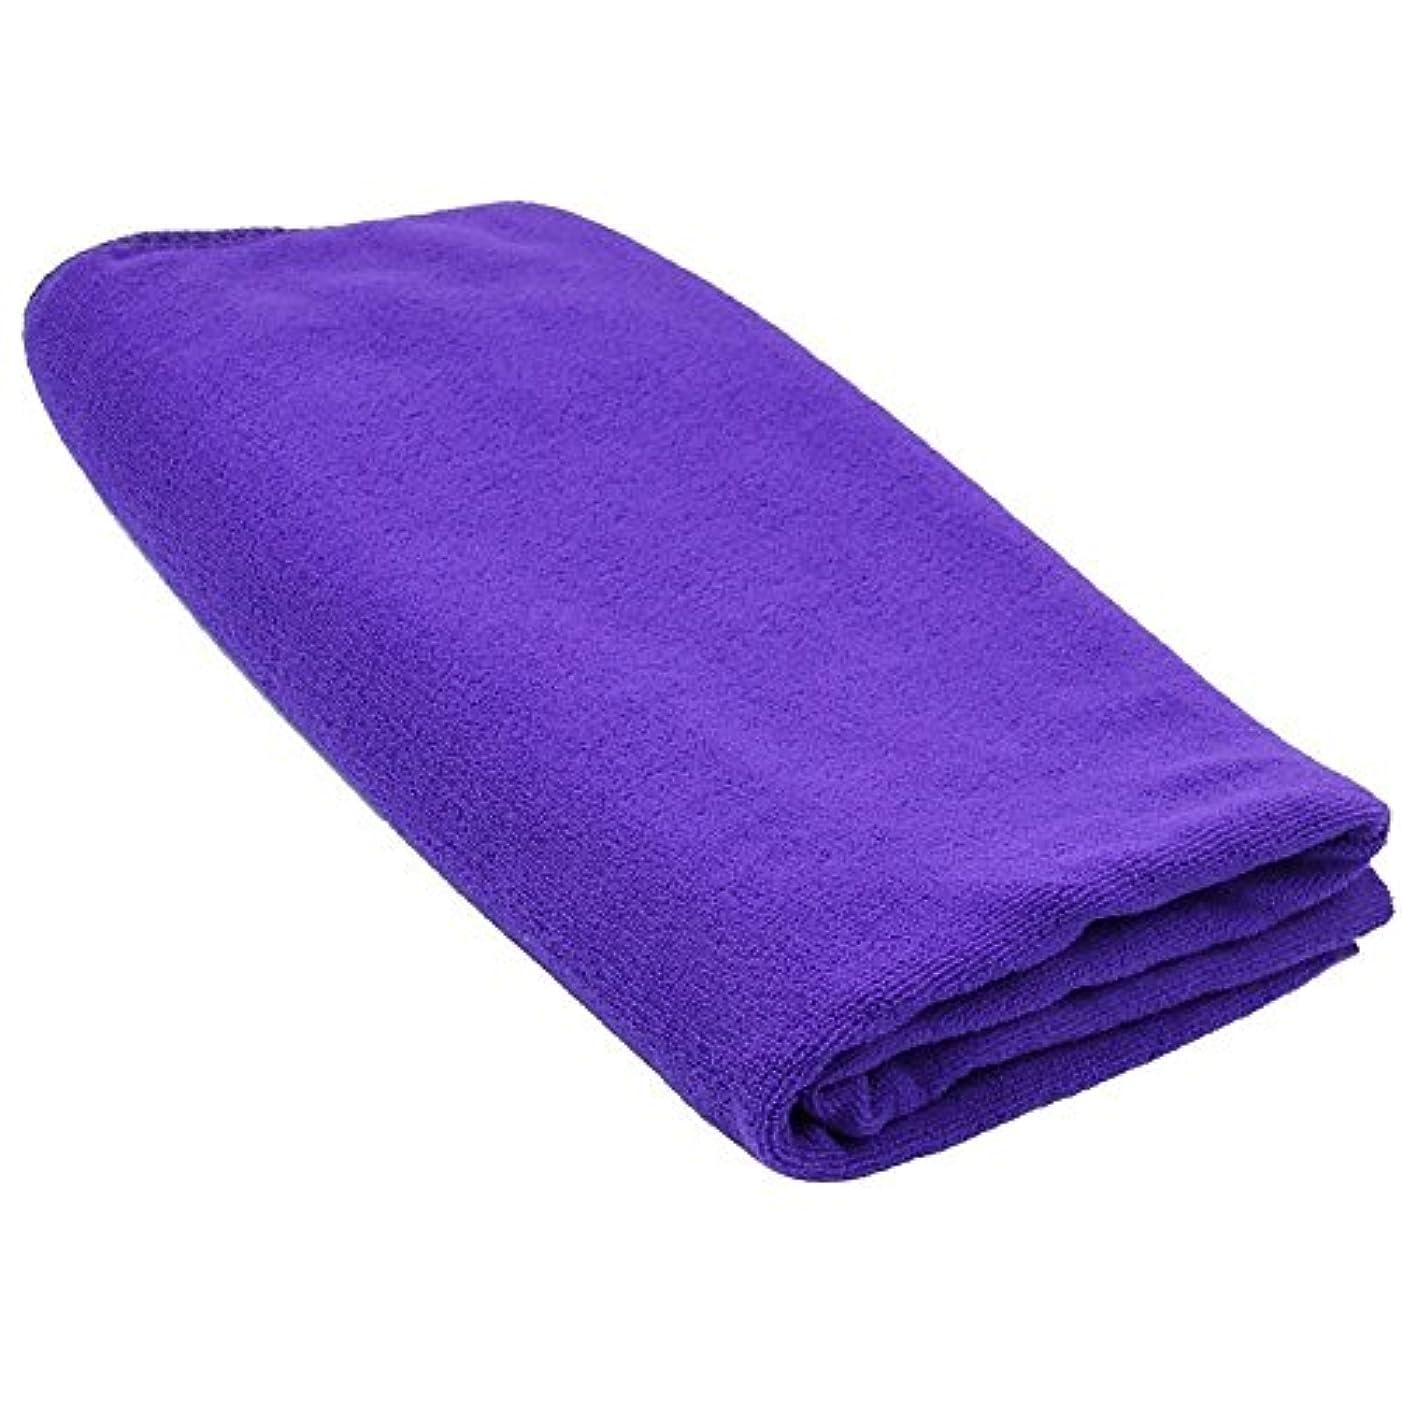 財政永久にケニアSODIAL(R) 耐久性がある速乾性マイクロファイバーバスタオル 旅行 ジム キャンプ スポーツ用 紫